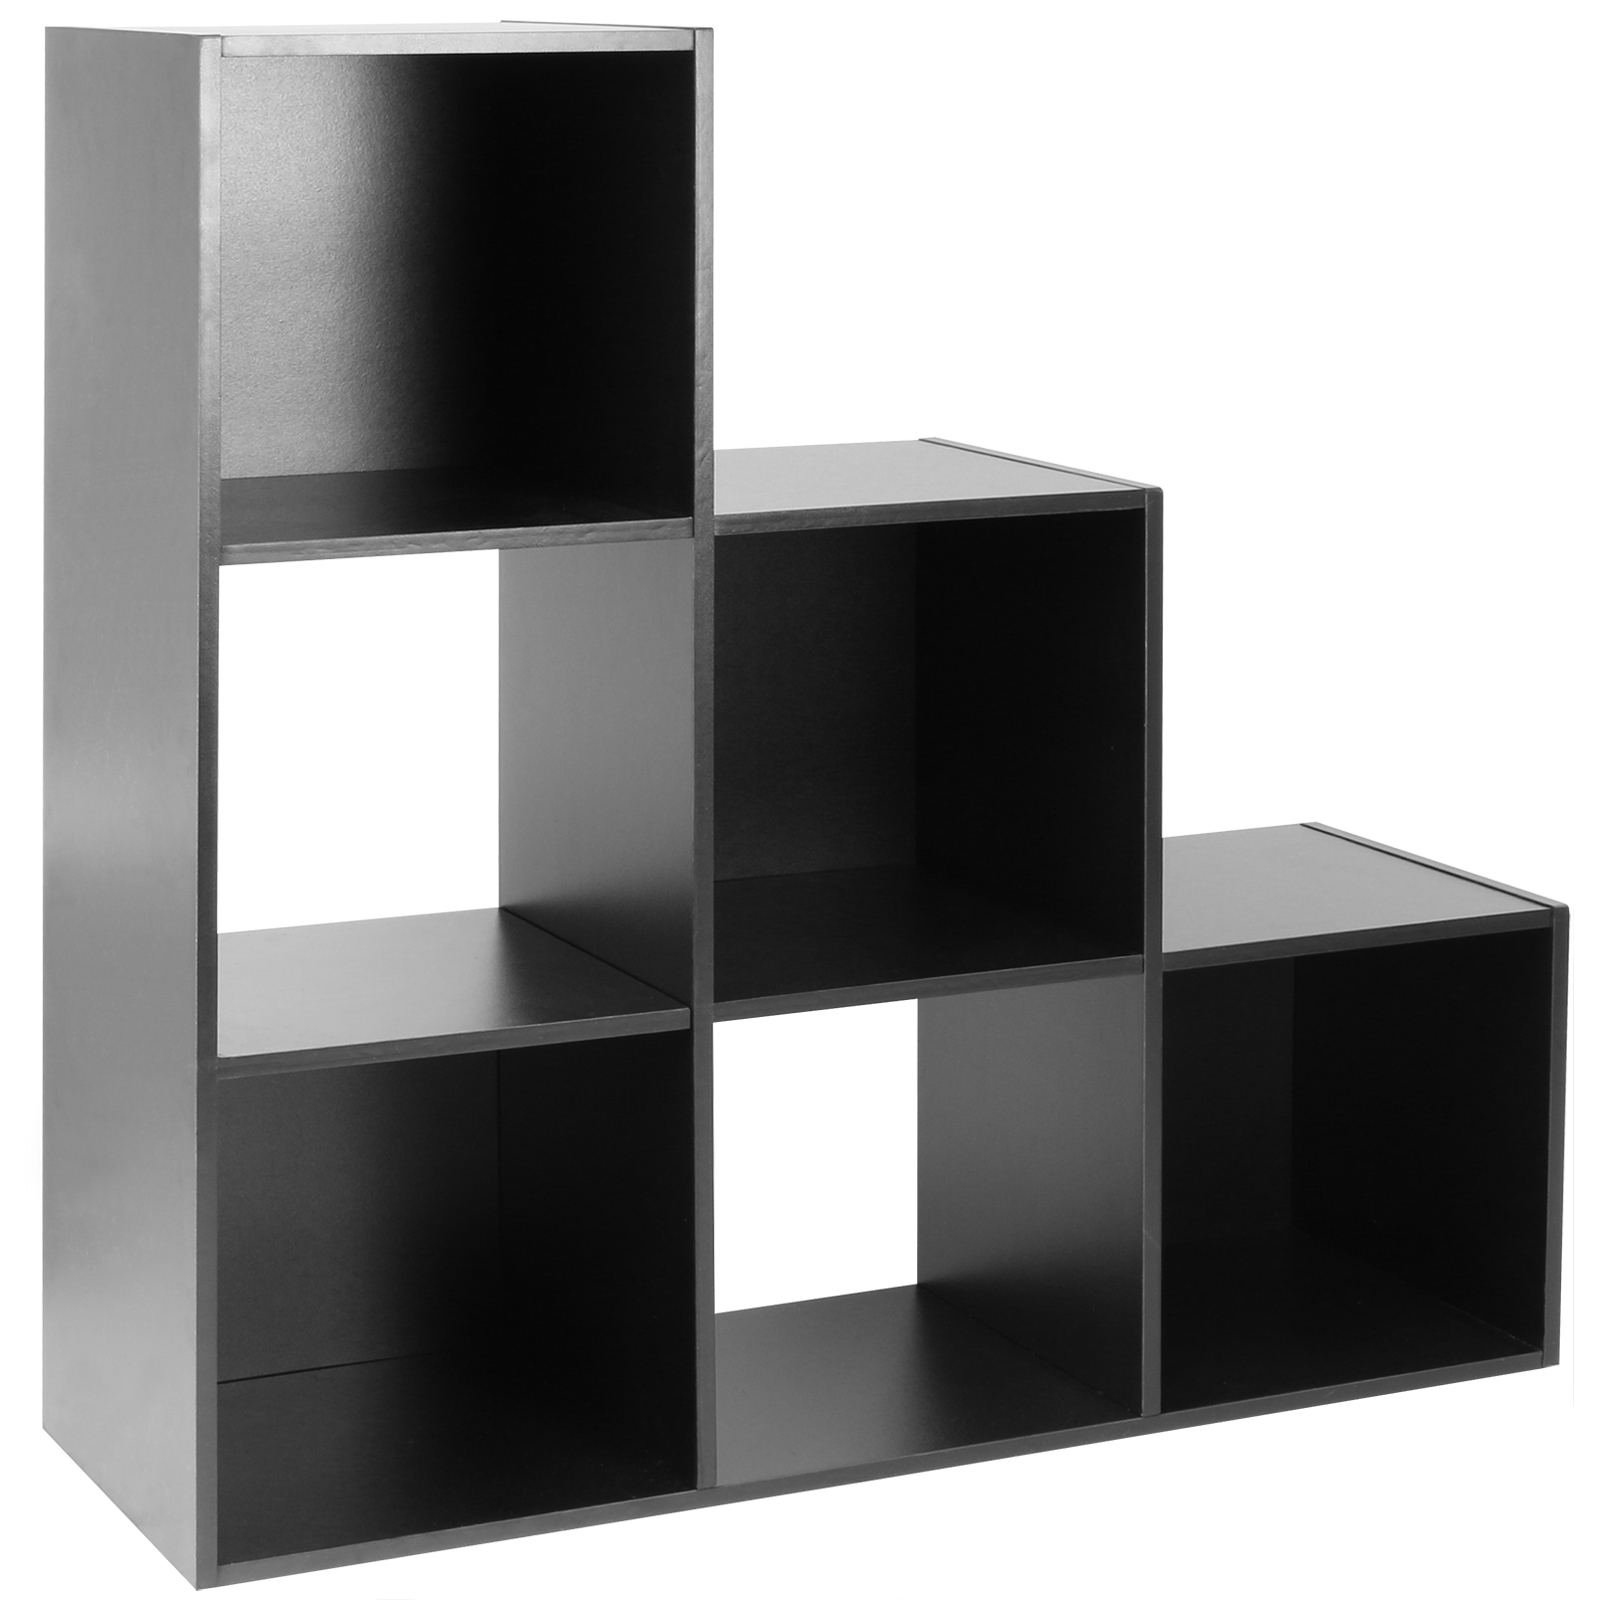 sale hartleys black 6 cube storage shelving 3 tier shelf. Black Bedroom Furniture Sets. Home Design Ideas